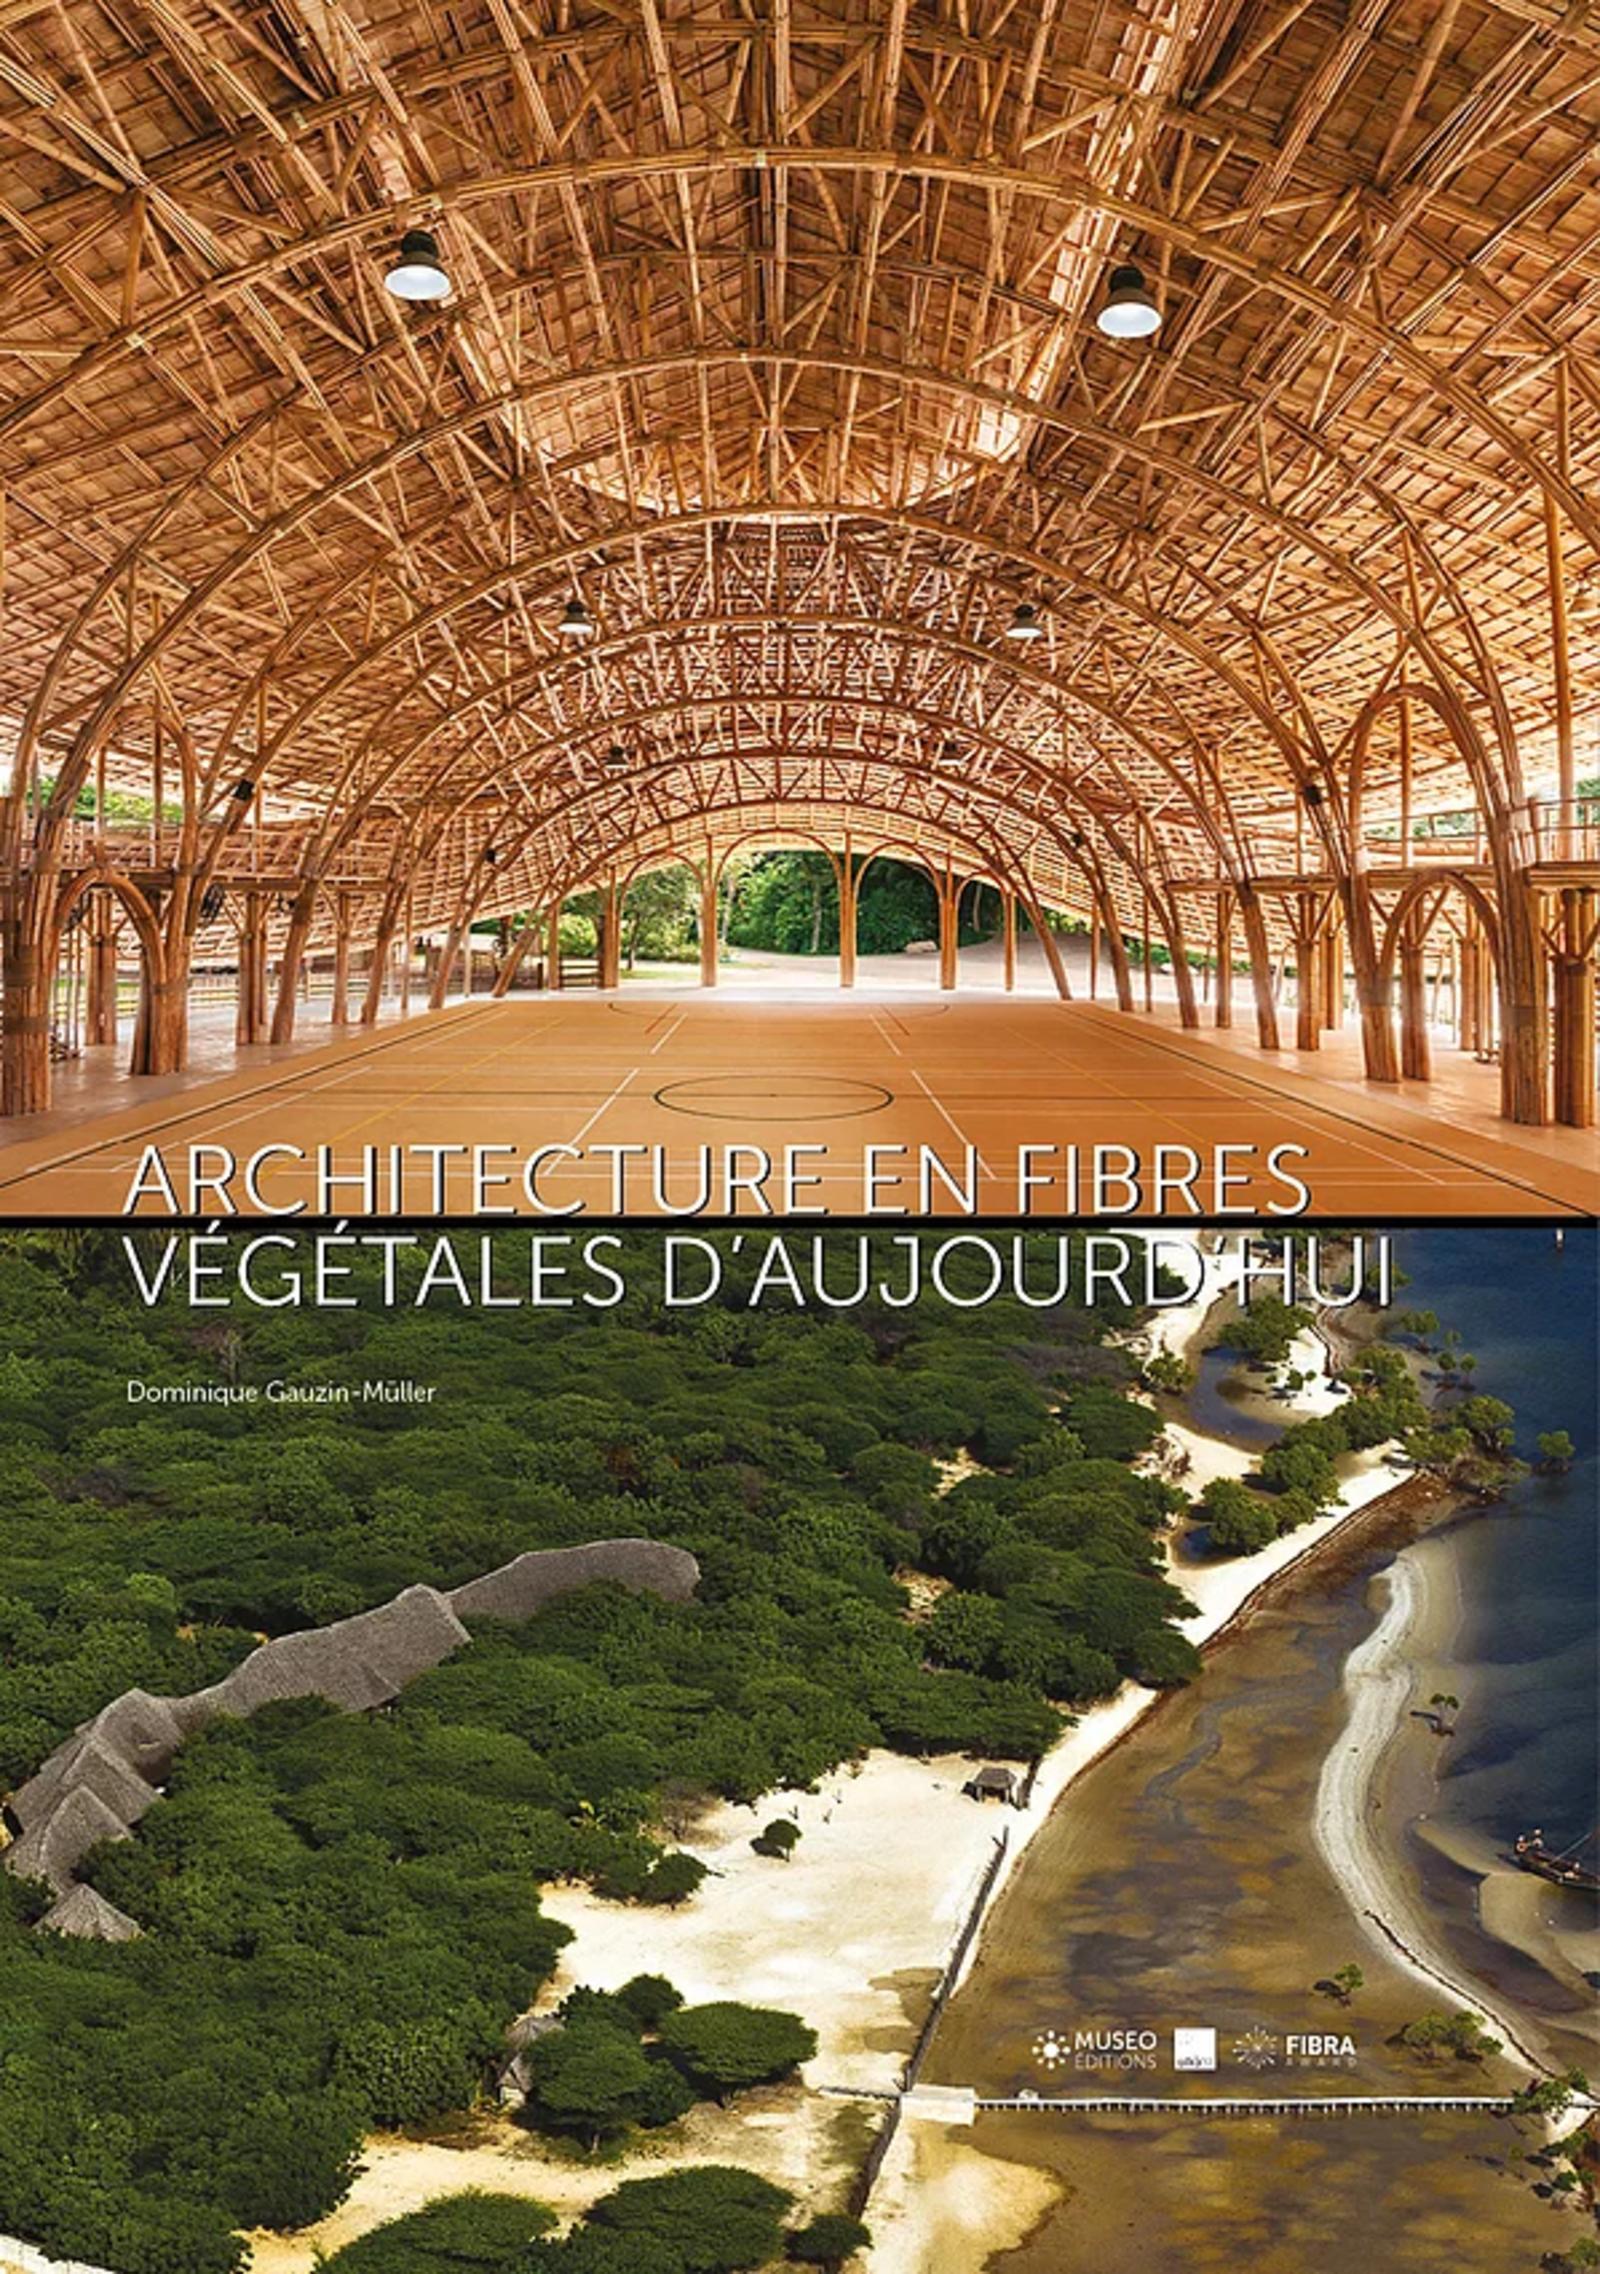 ARCHITECTURE EN FIBRES VEGETALES D'AUJOURD'HUI